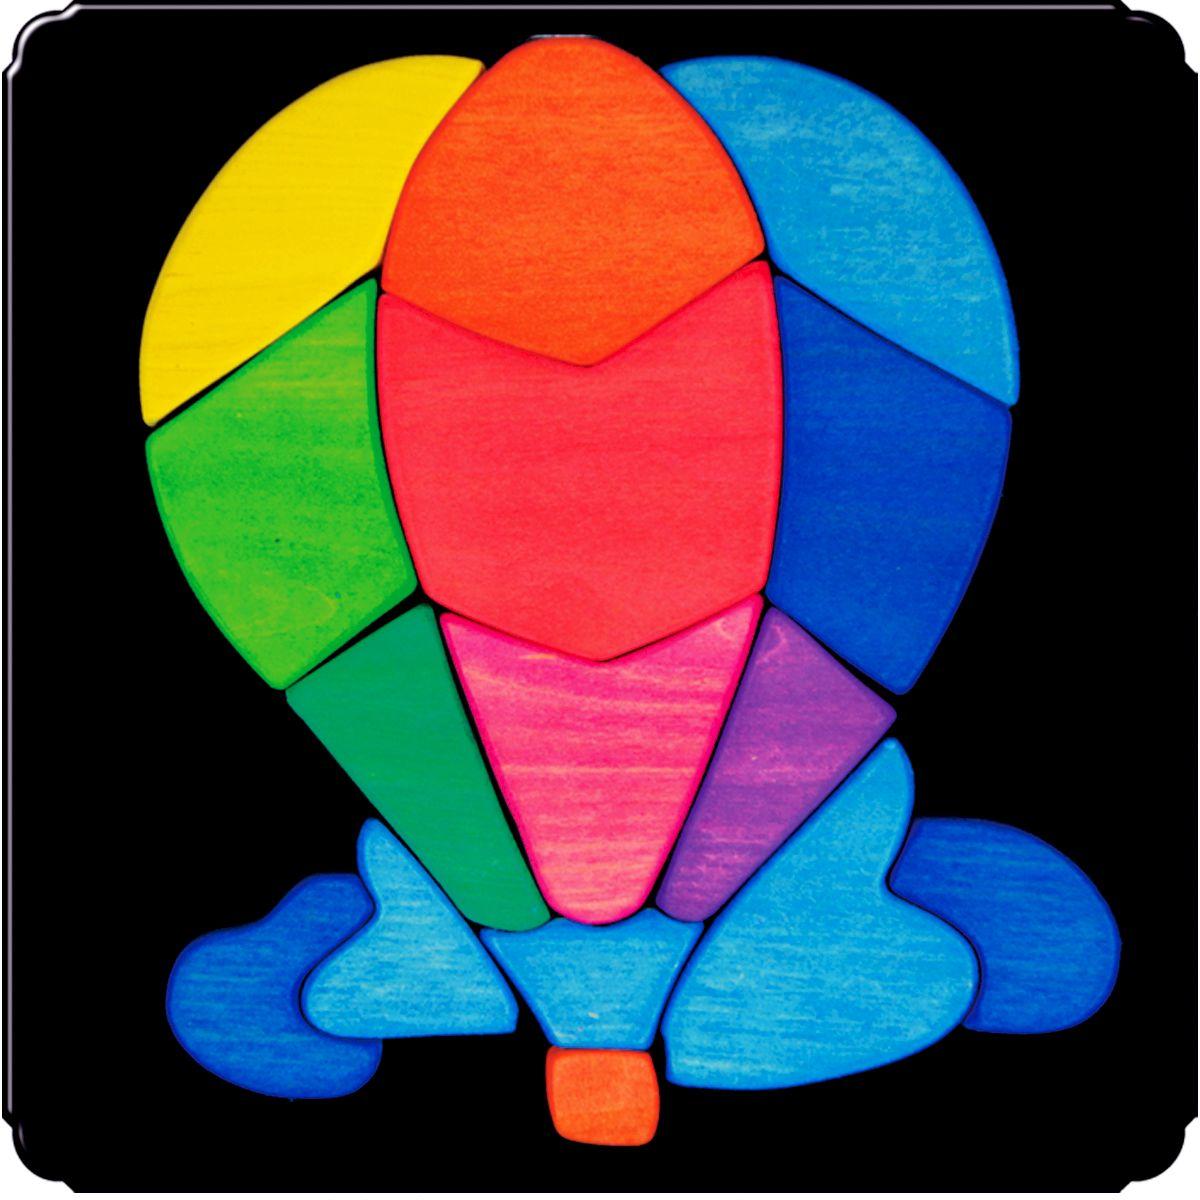 Деревяшкино Пазл для малышей Воздушный шар100Красочная игрушка-головоломка из натурального дерева на магнитной доске. Незаменима в машине, поездке – в любом месте, где Вашему малышу удобно играть. Удивительный мир ярких красок и фантазий везде с Вами! Каждая деталька мозаики крепко держится на магнитной доске. Ваш юный фантазер сможет не только решить сложную задачу: собрать головоломку как на картинке, но и, используя фантазию, сможет создать уникальные и неповторимые композиции. Объединяйте несколько наборов – будет интереснее! Все детали выполнены из натурального дерева, окрашены безопасной пищевой краской. Деревянные игрушки дают возможность ощутить структуру, плотность, вес, запах материала. Ребенок получает правдивую информацию об окружающем мире. Развивает: мелкую моторику, абстрактное и логическое мышление, понимание цветов, геометрических форм. Методические рекомендации: объясните малышу почему детальки держатся на доске. Объясните как правильно собрать мозаику, но не помогайте в трудных местах. Попросите ребенка...